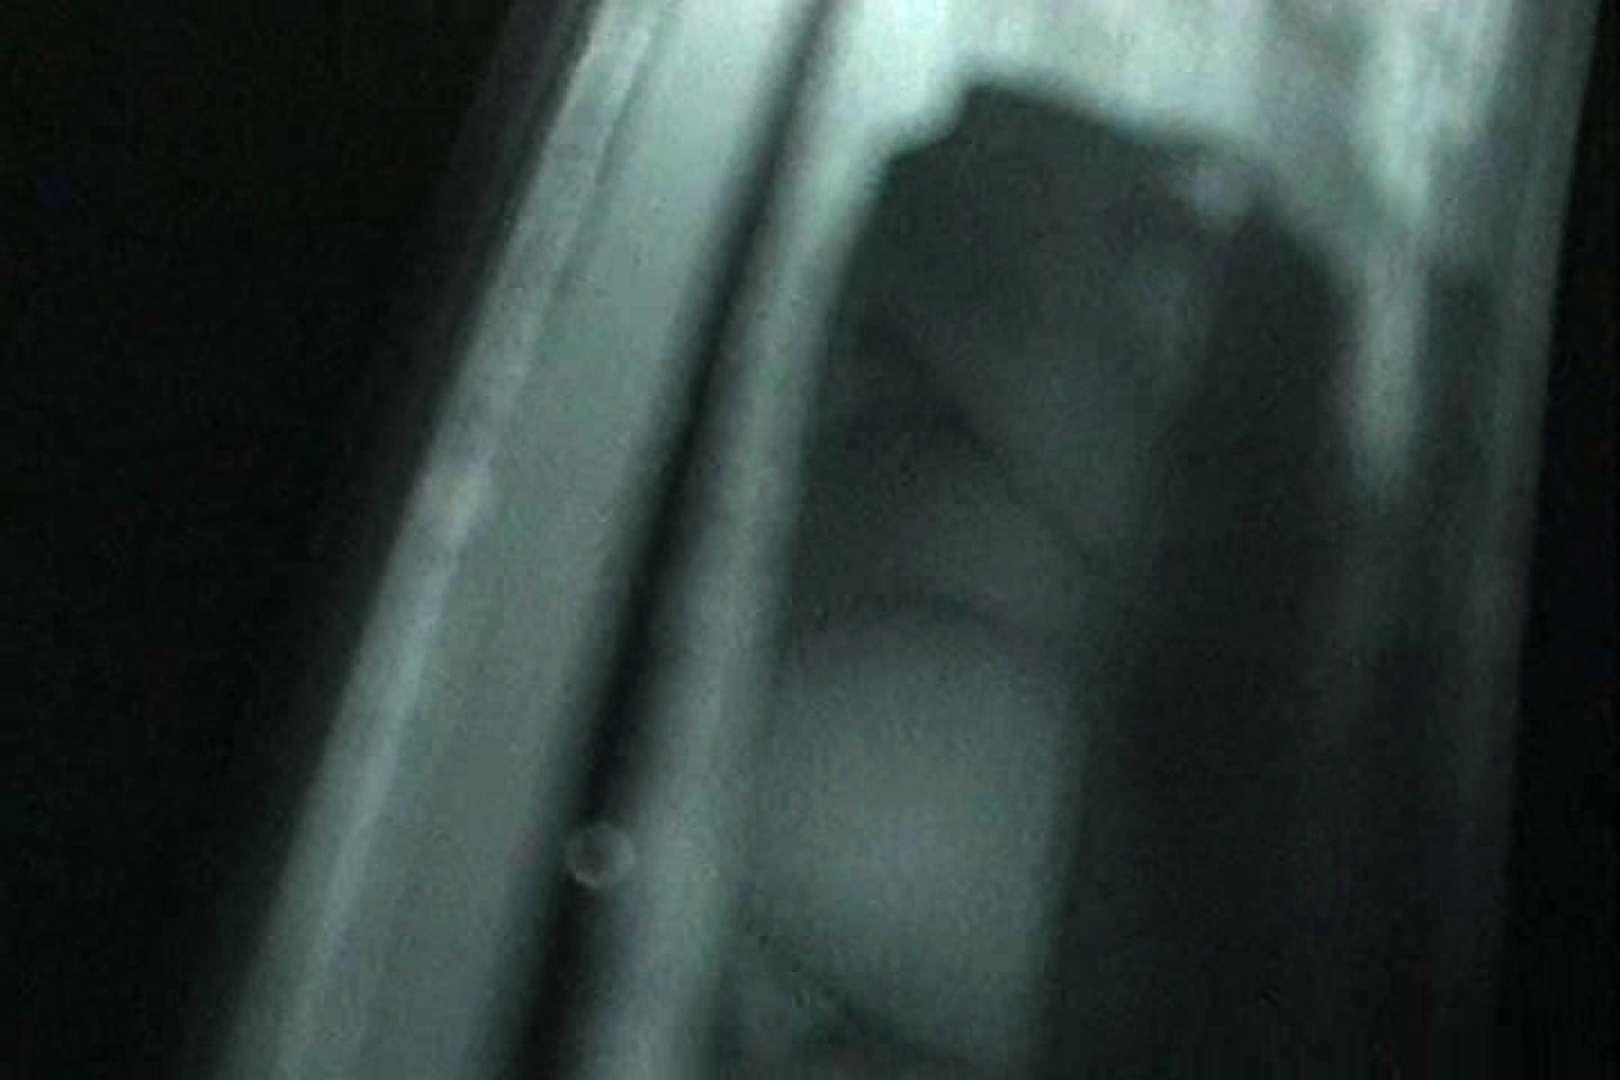 充血監督の深夜の運動会Vol.18 車中はめどり えろ無修正画像 79画像 79